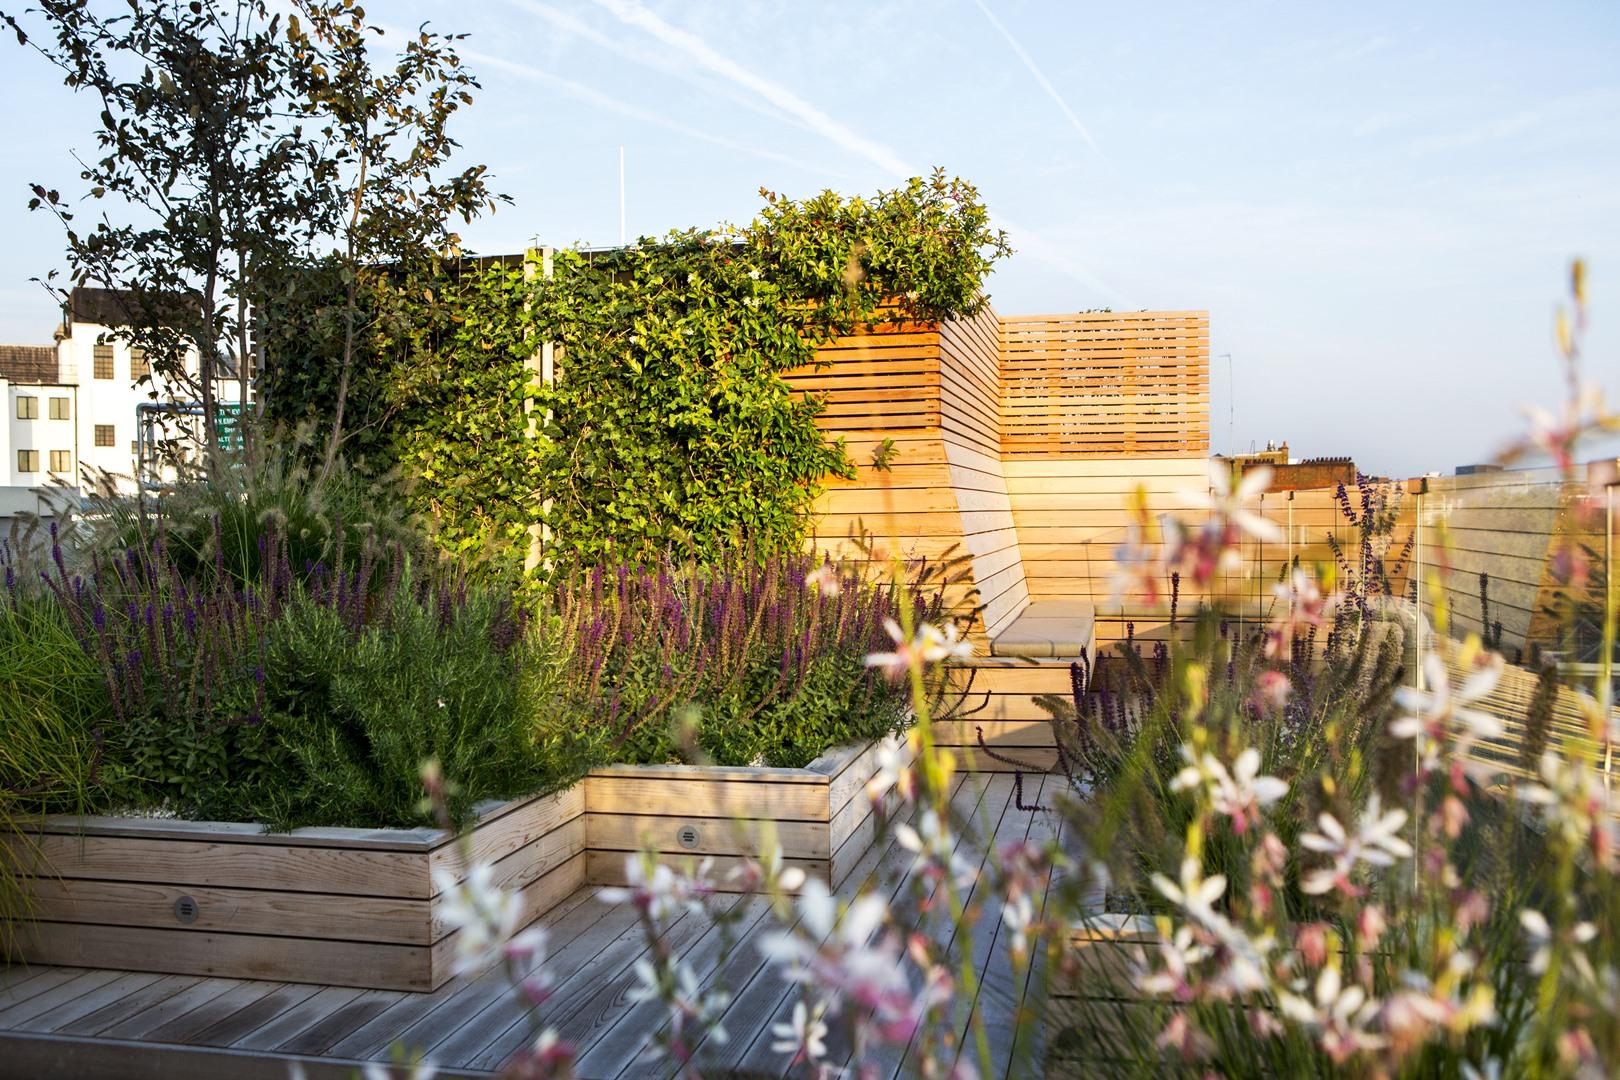 allsop place garden-7949 (Copy)